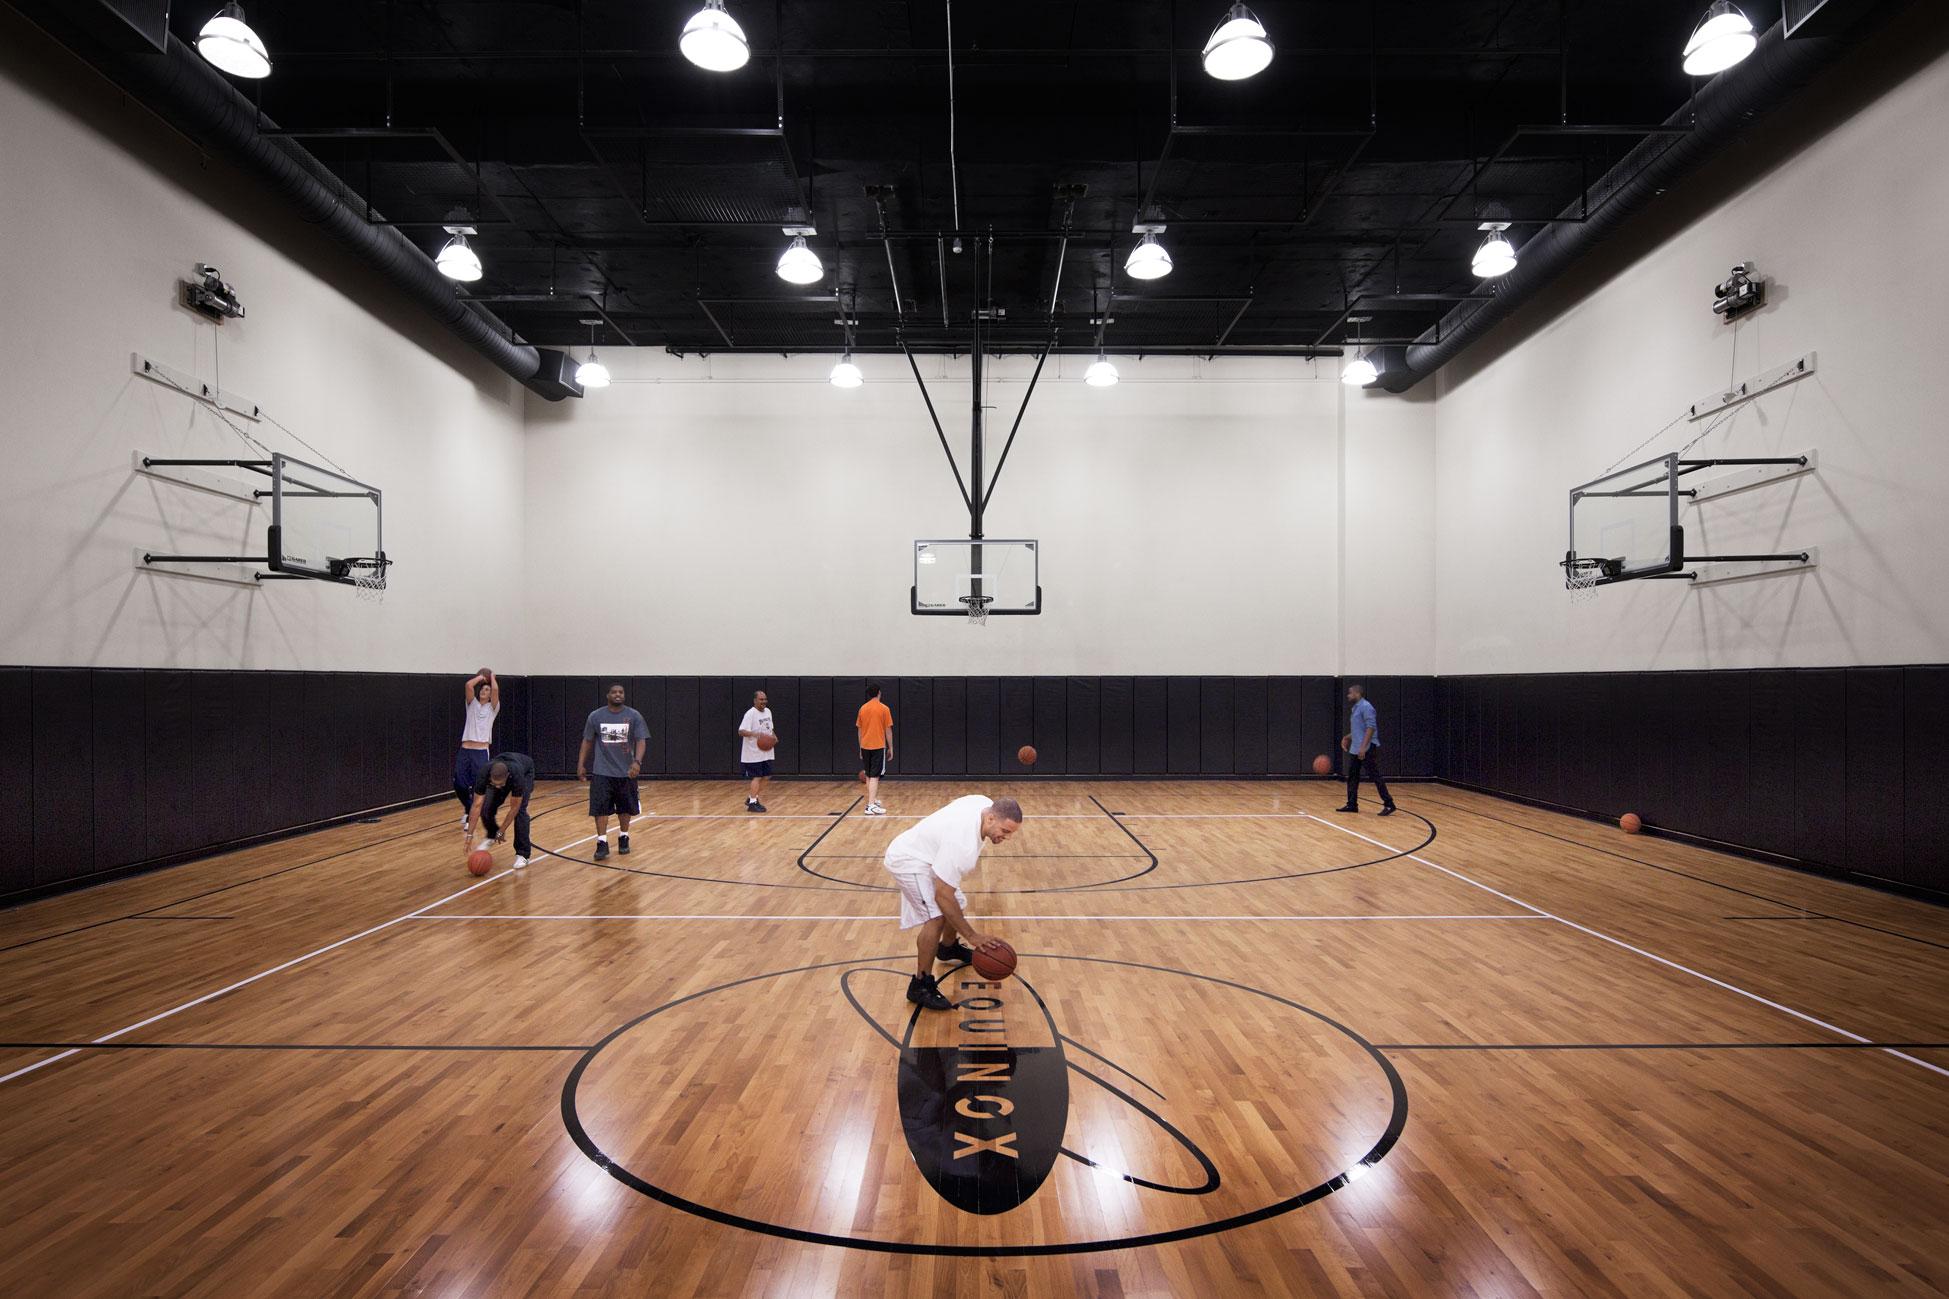 3.-Full-Size-Basket-Ball-Court.jpg